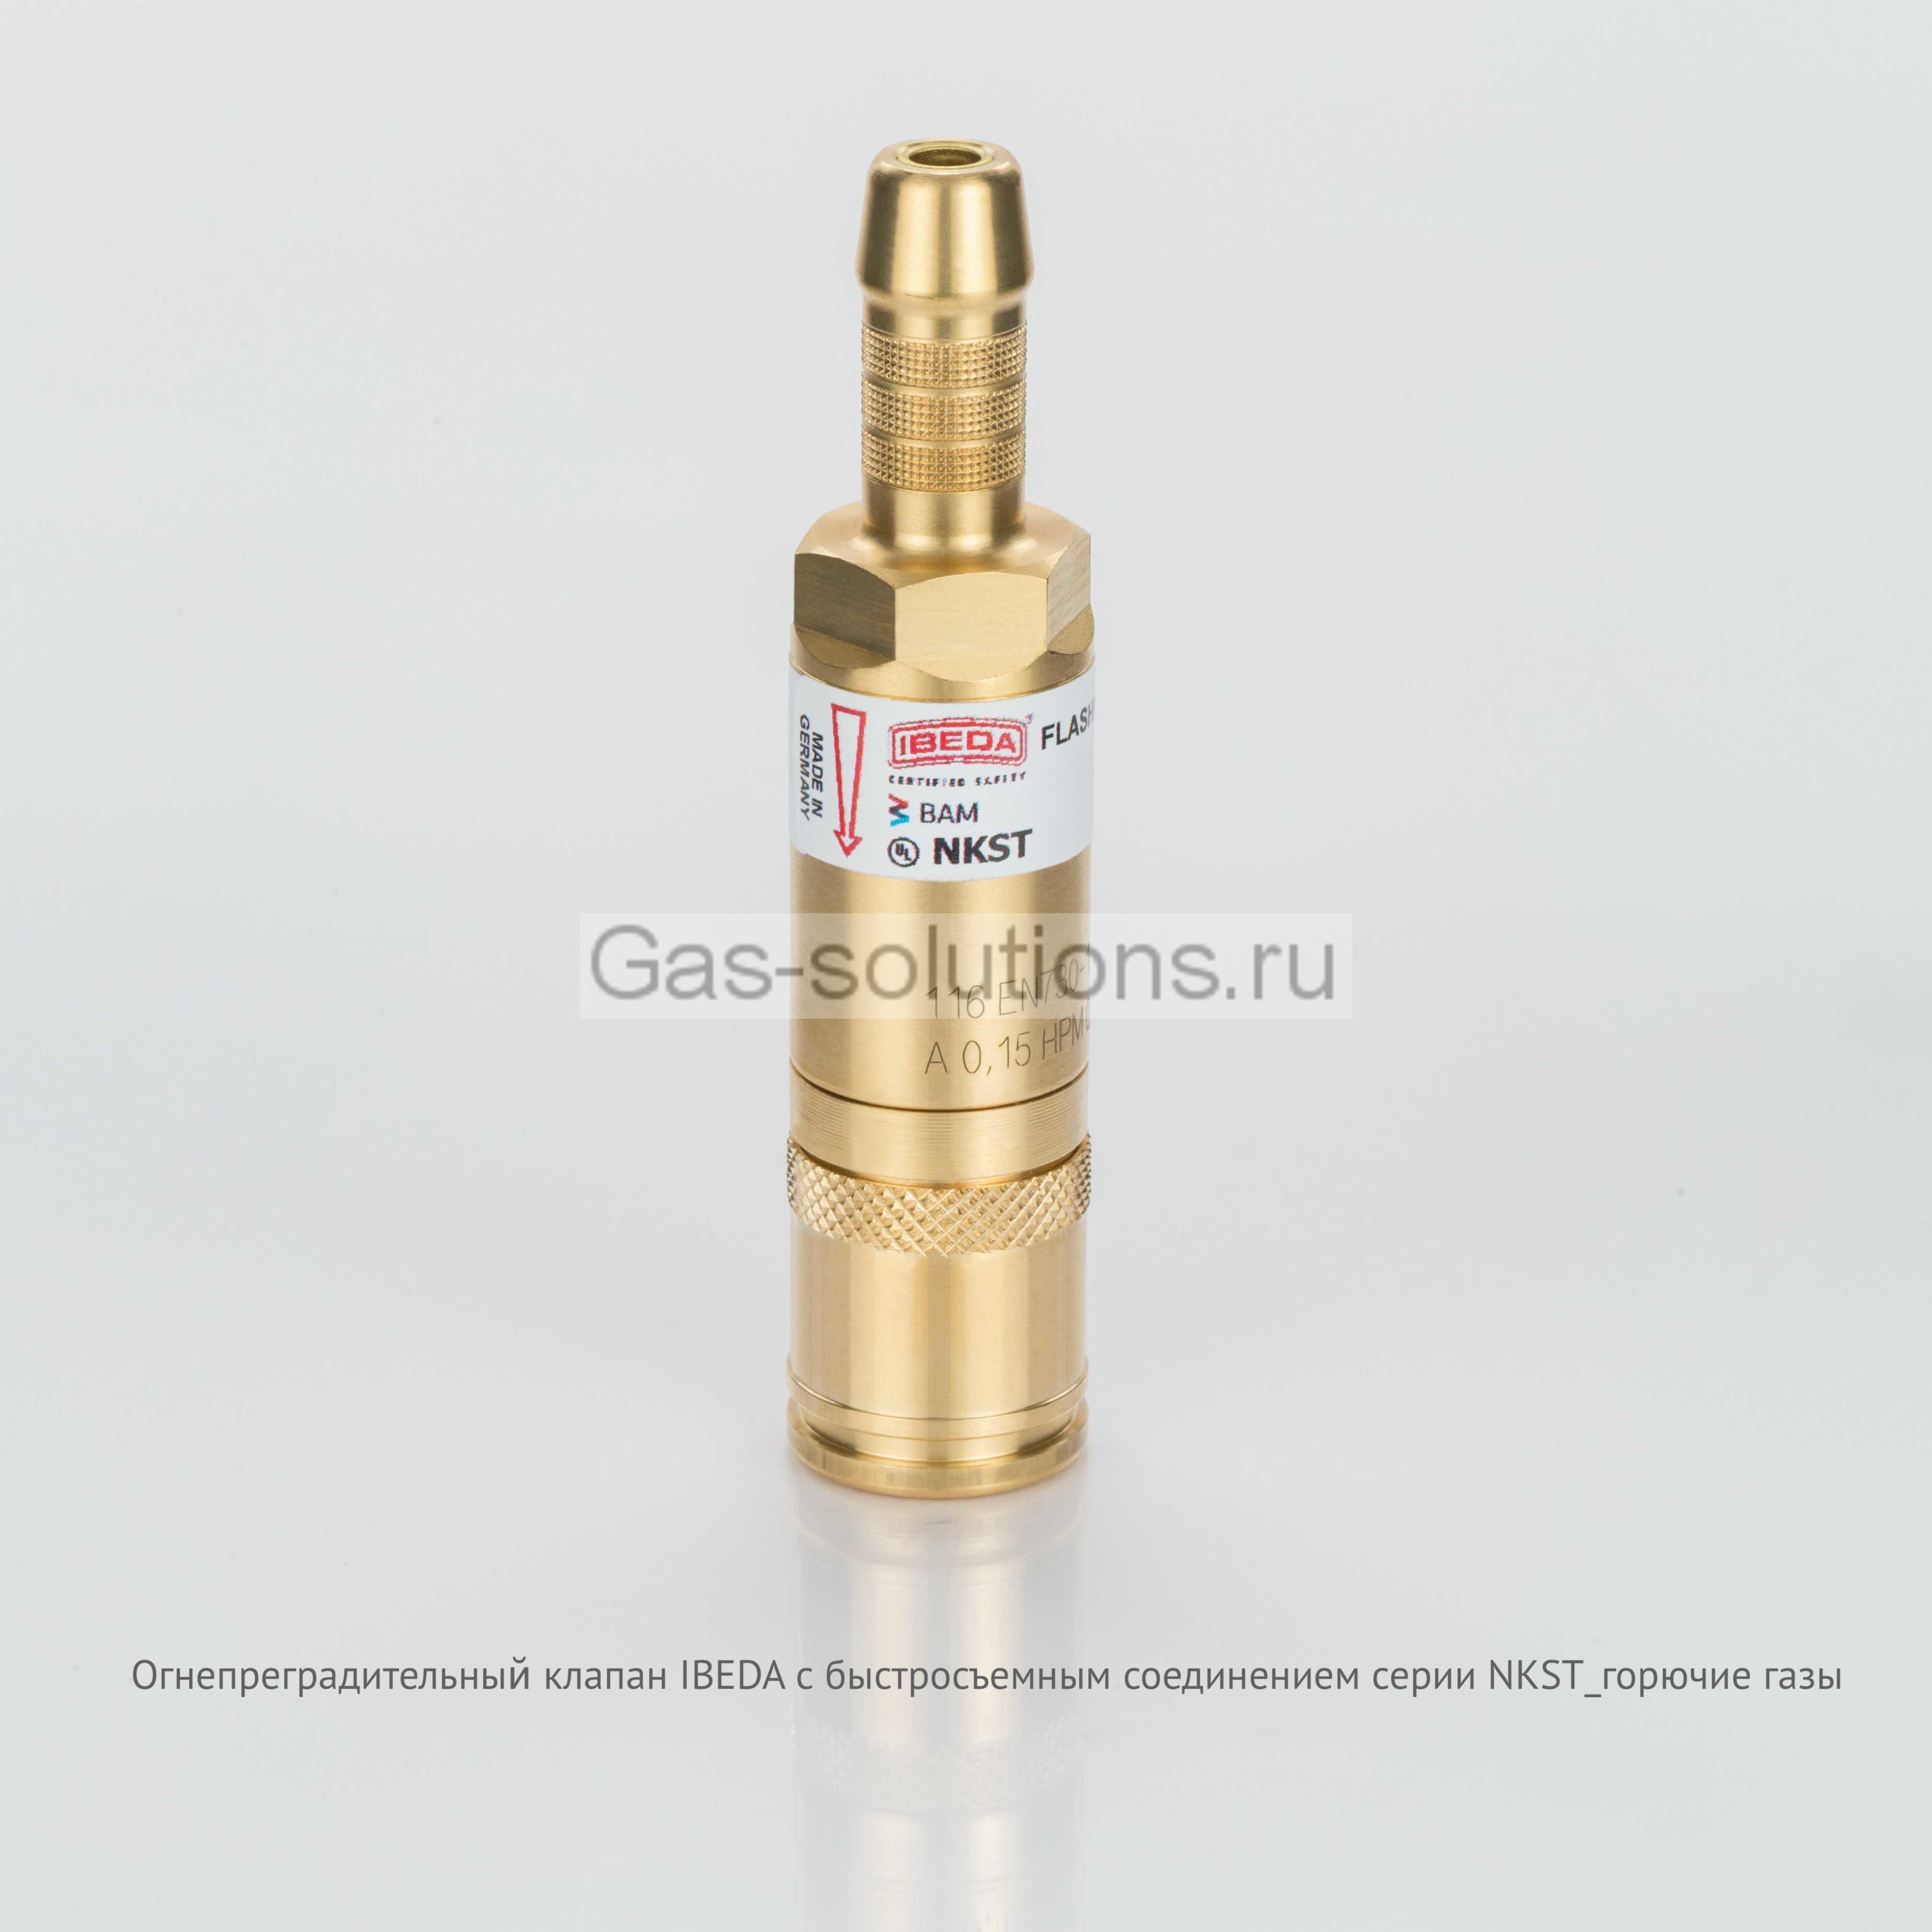 Огнепреградительный клапан IBEDA с быстросъемным соединением серии NKST_горючие газы